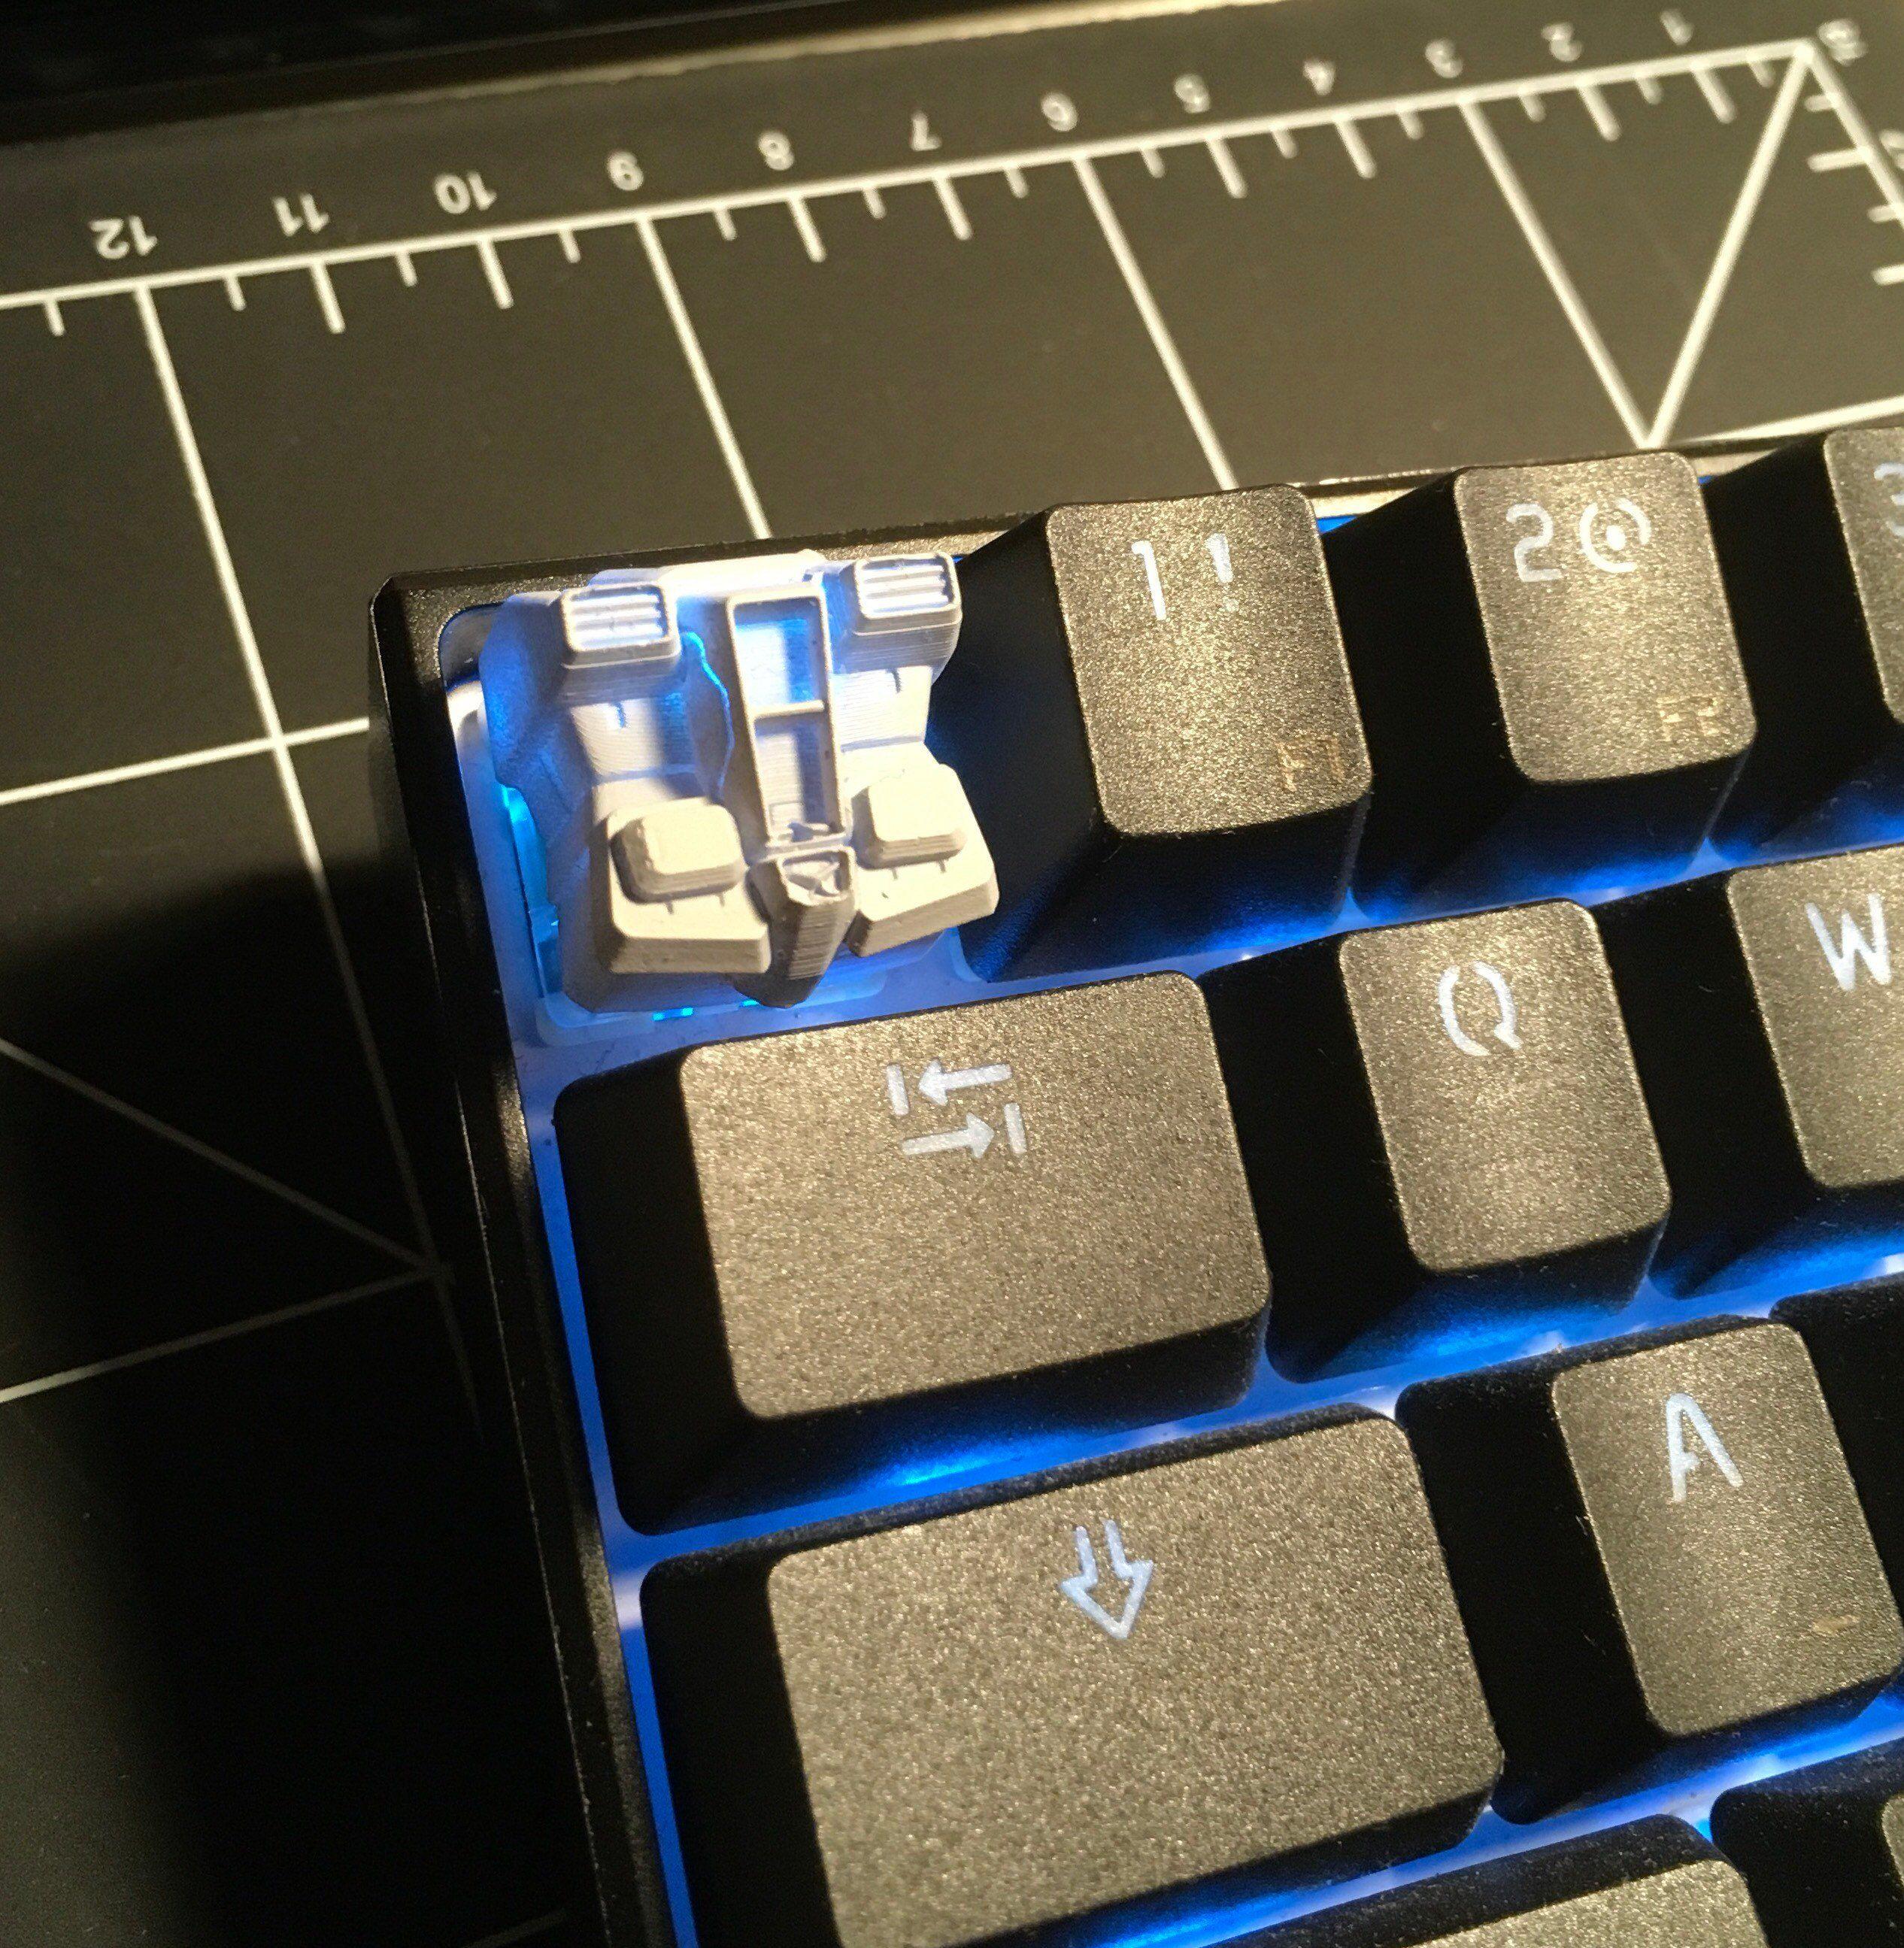 Gundam RX-78 Cherry MX Keycap #polylootxyz #makerlife